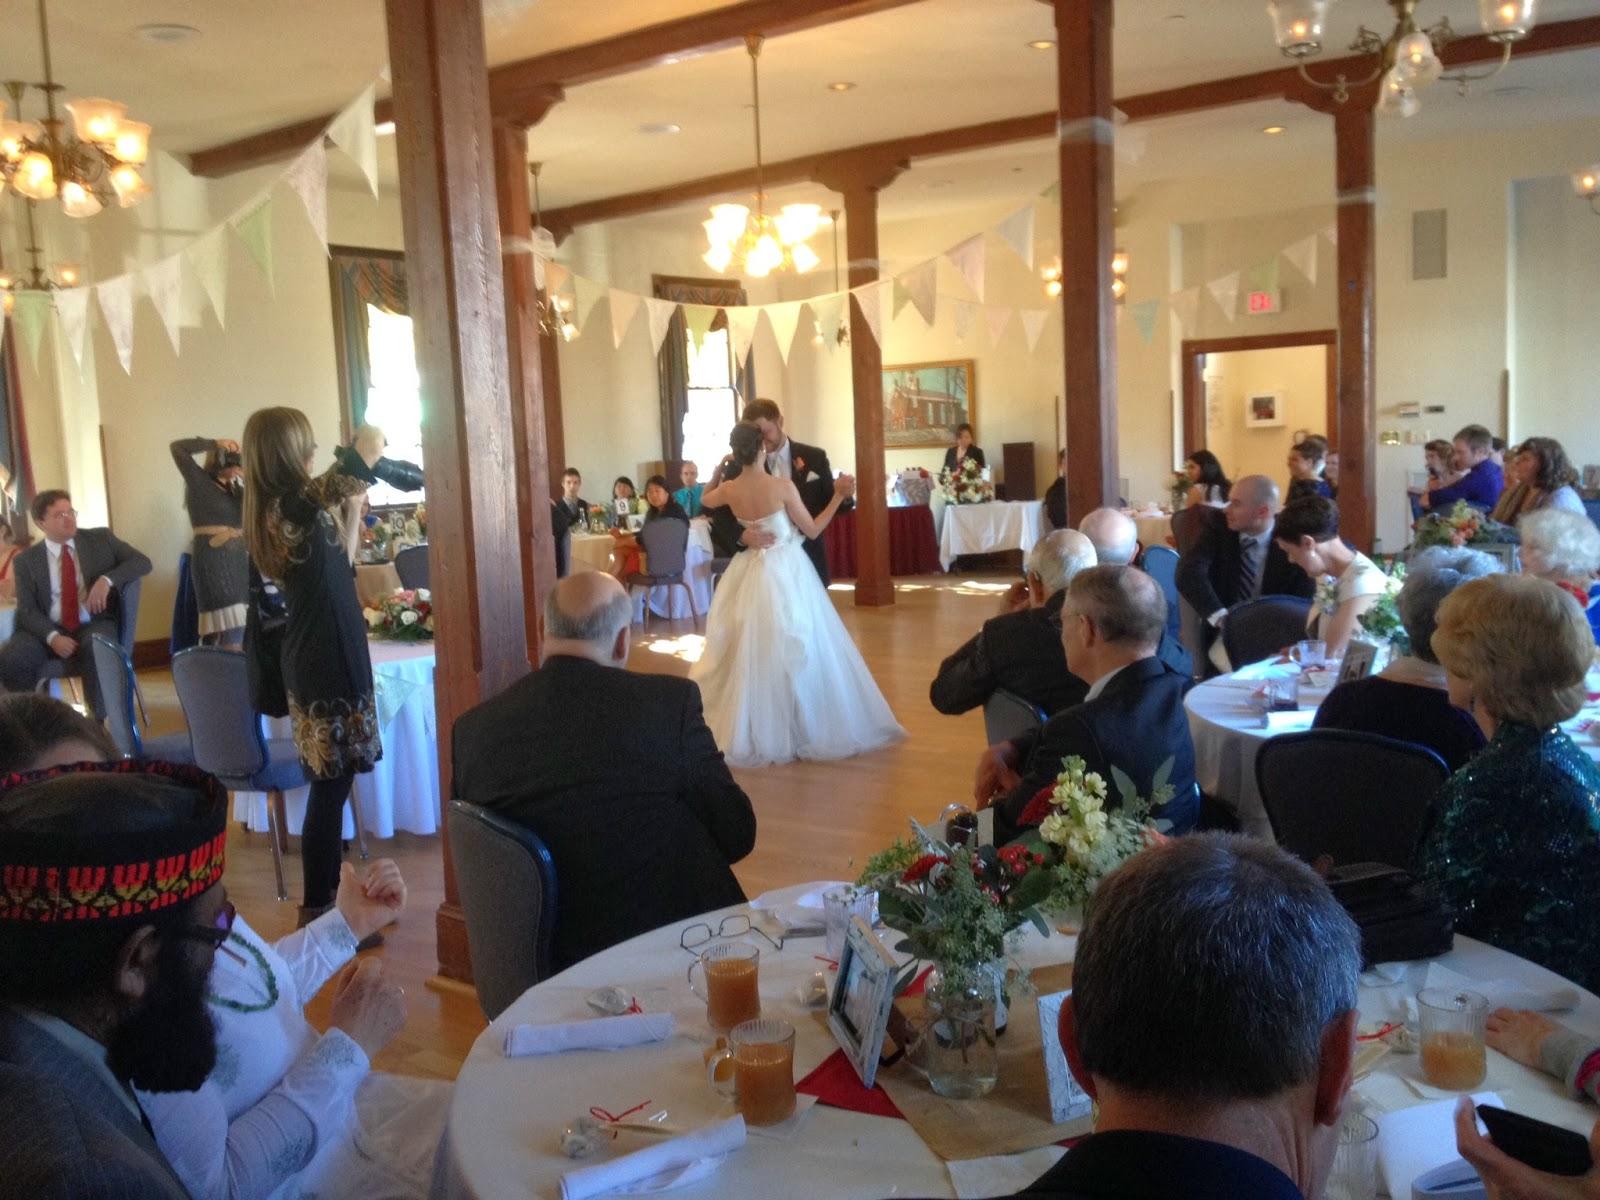 Old Town Hall Fairfax Va Wedding